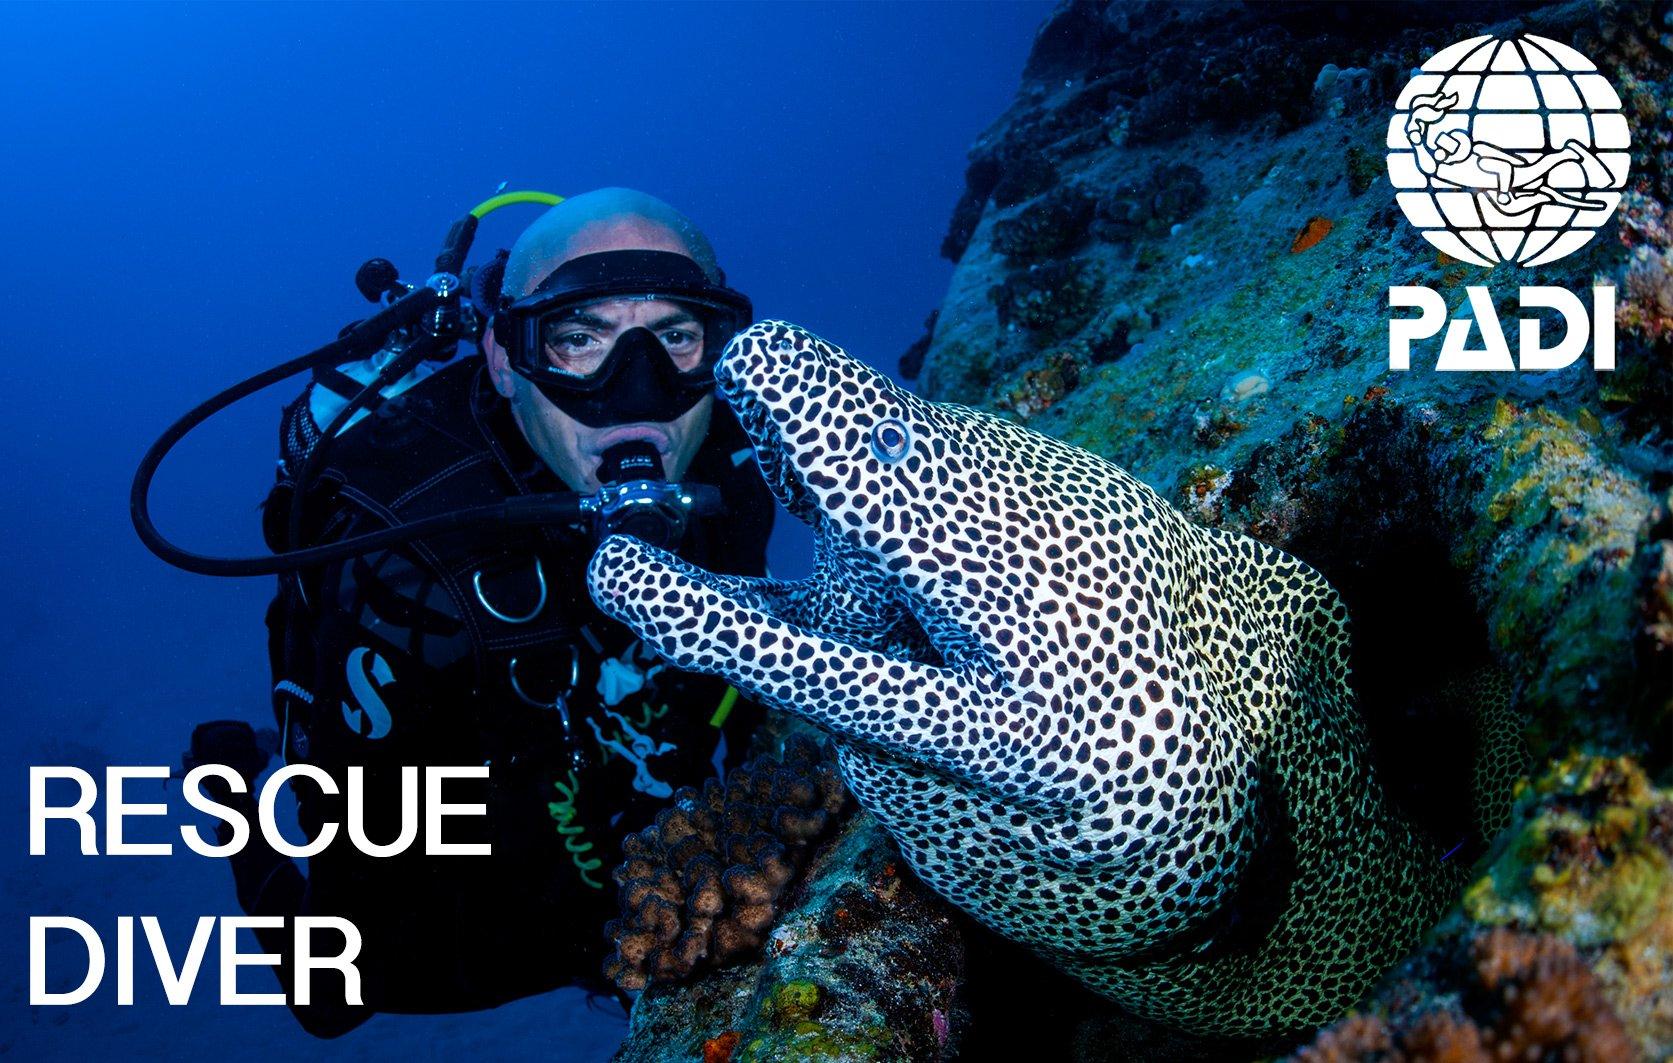 PADI rescue diver course in Mauritius